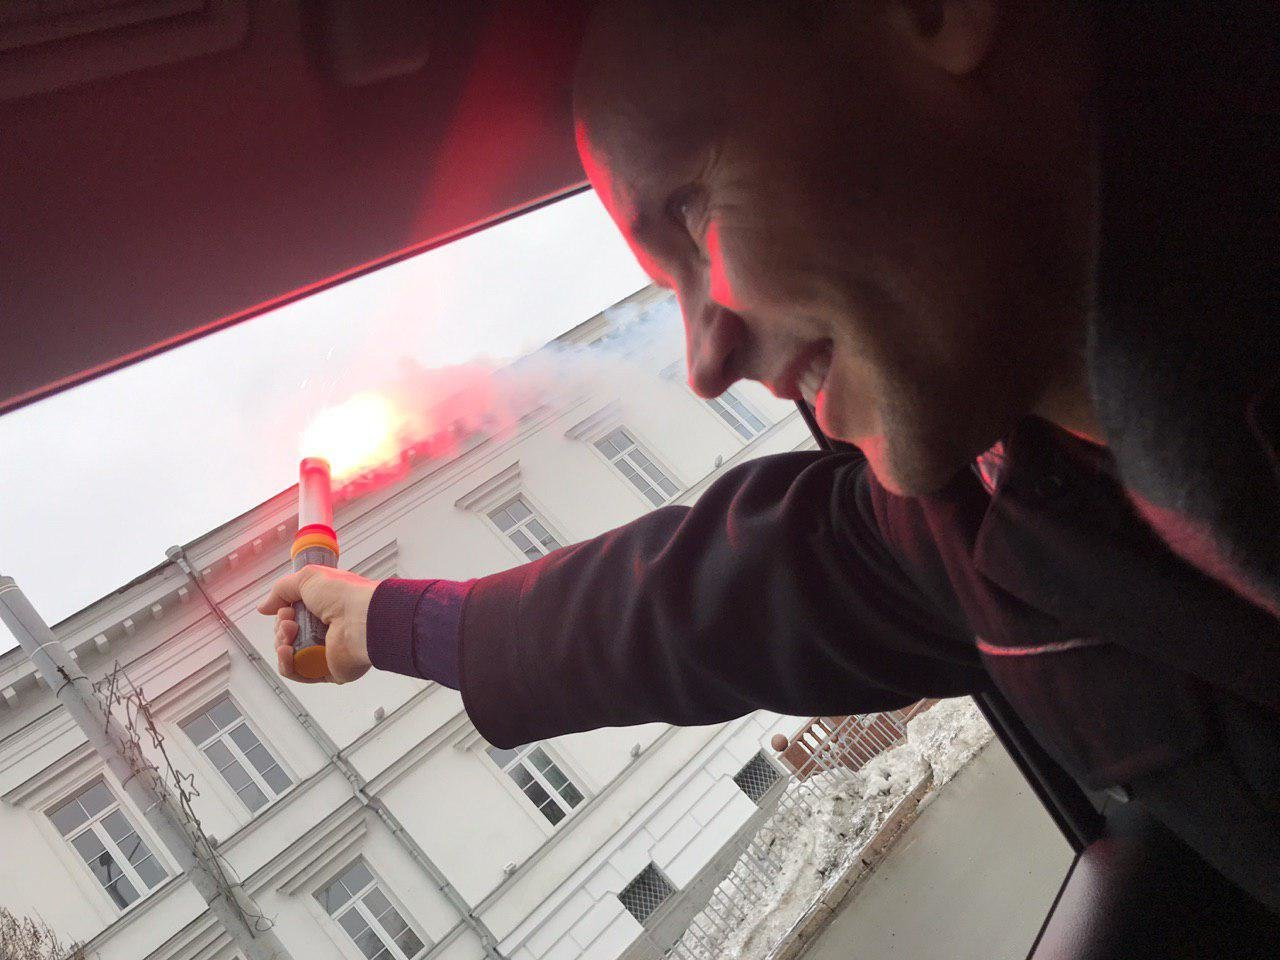 Юрій Дерев'янко взяв участь в автопробігу за доступні авто в Кременчуці (ФОТО, ВІДЕО), фото-2